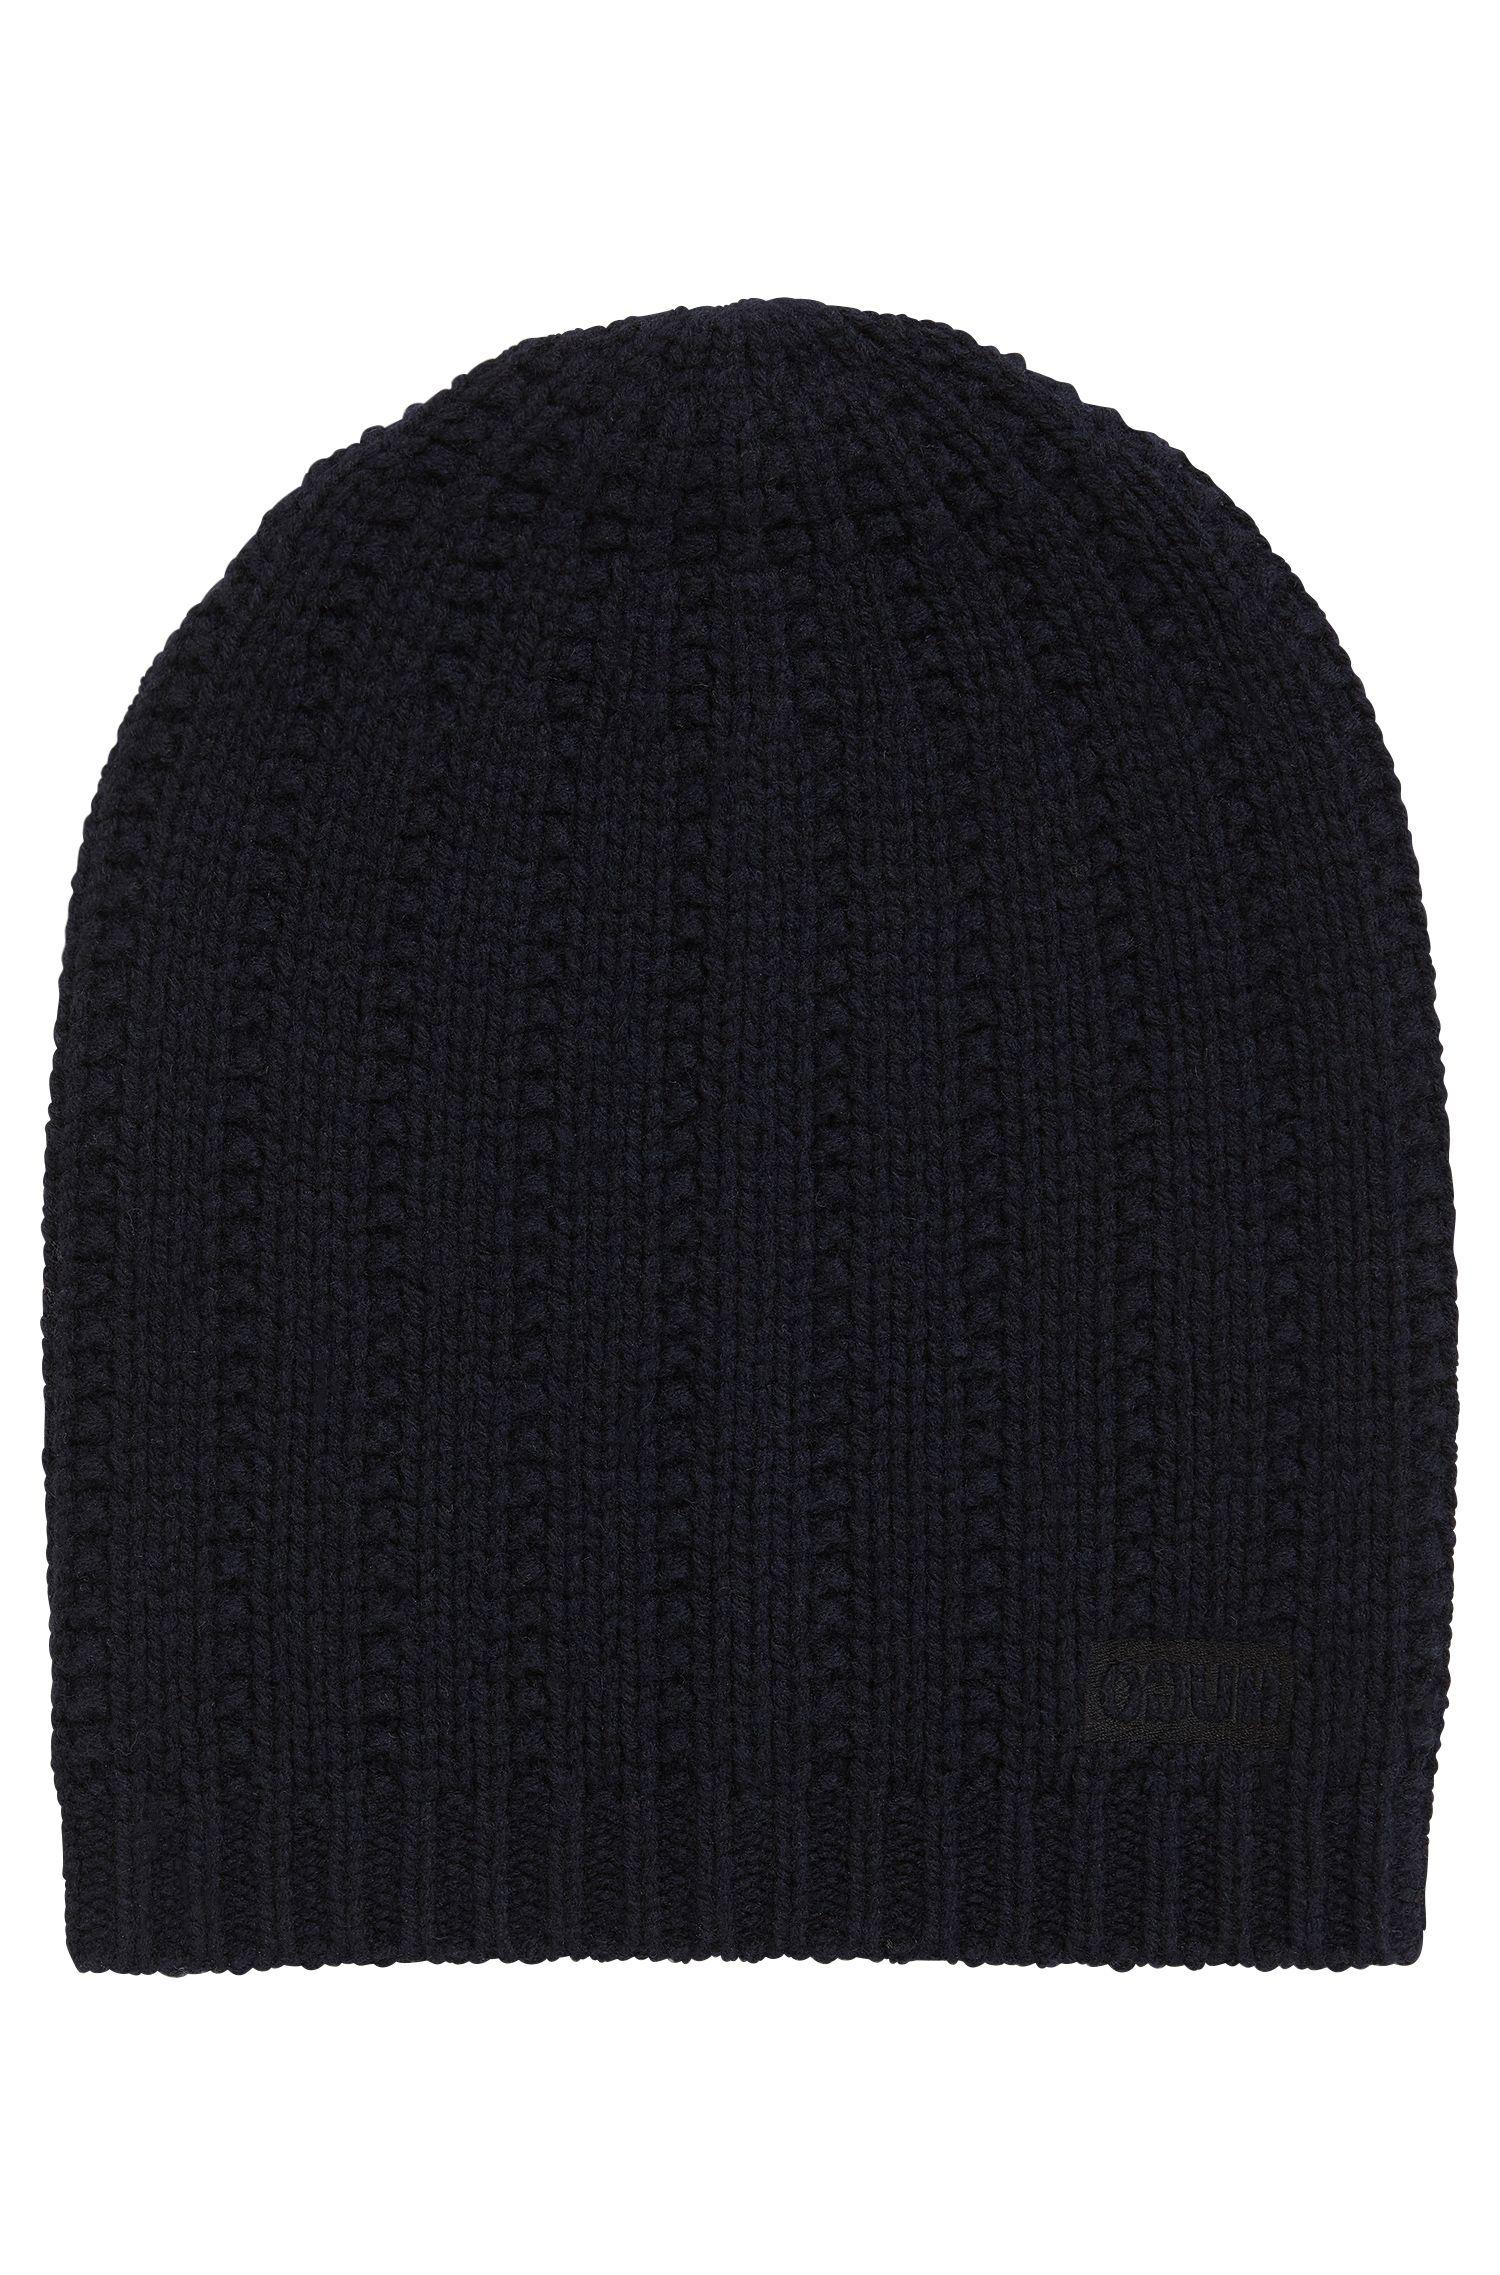 Strukturierte Mütze aus Schurwolle